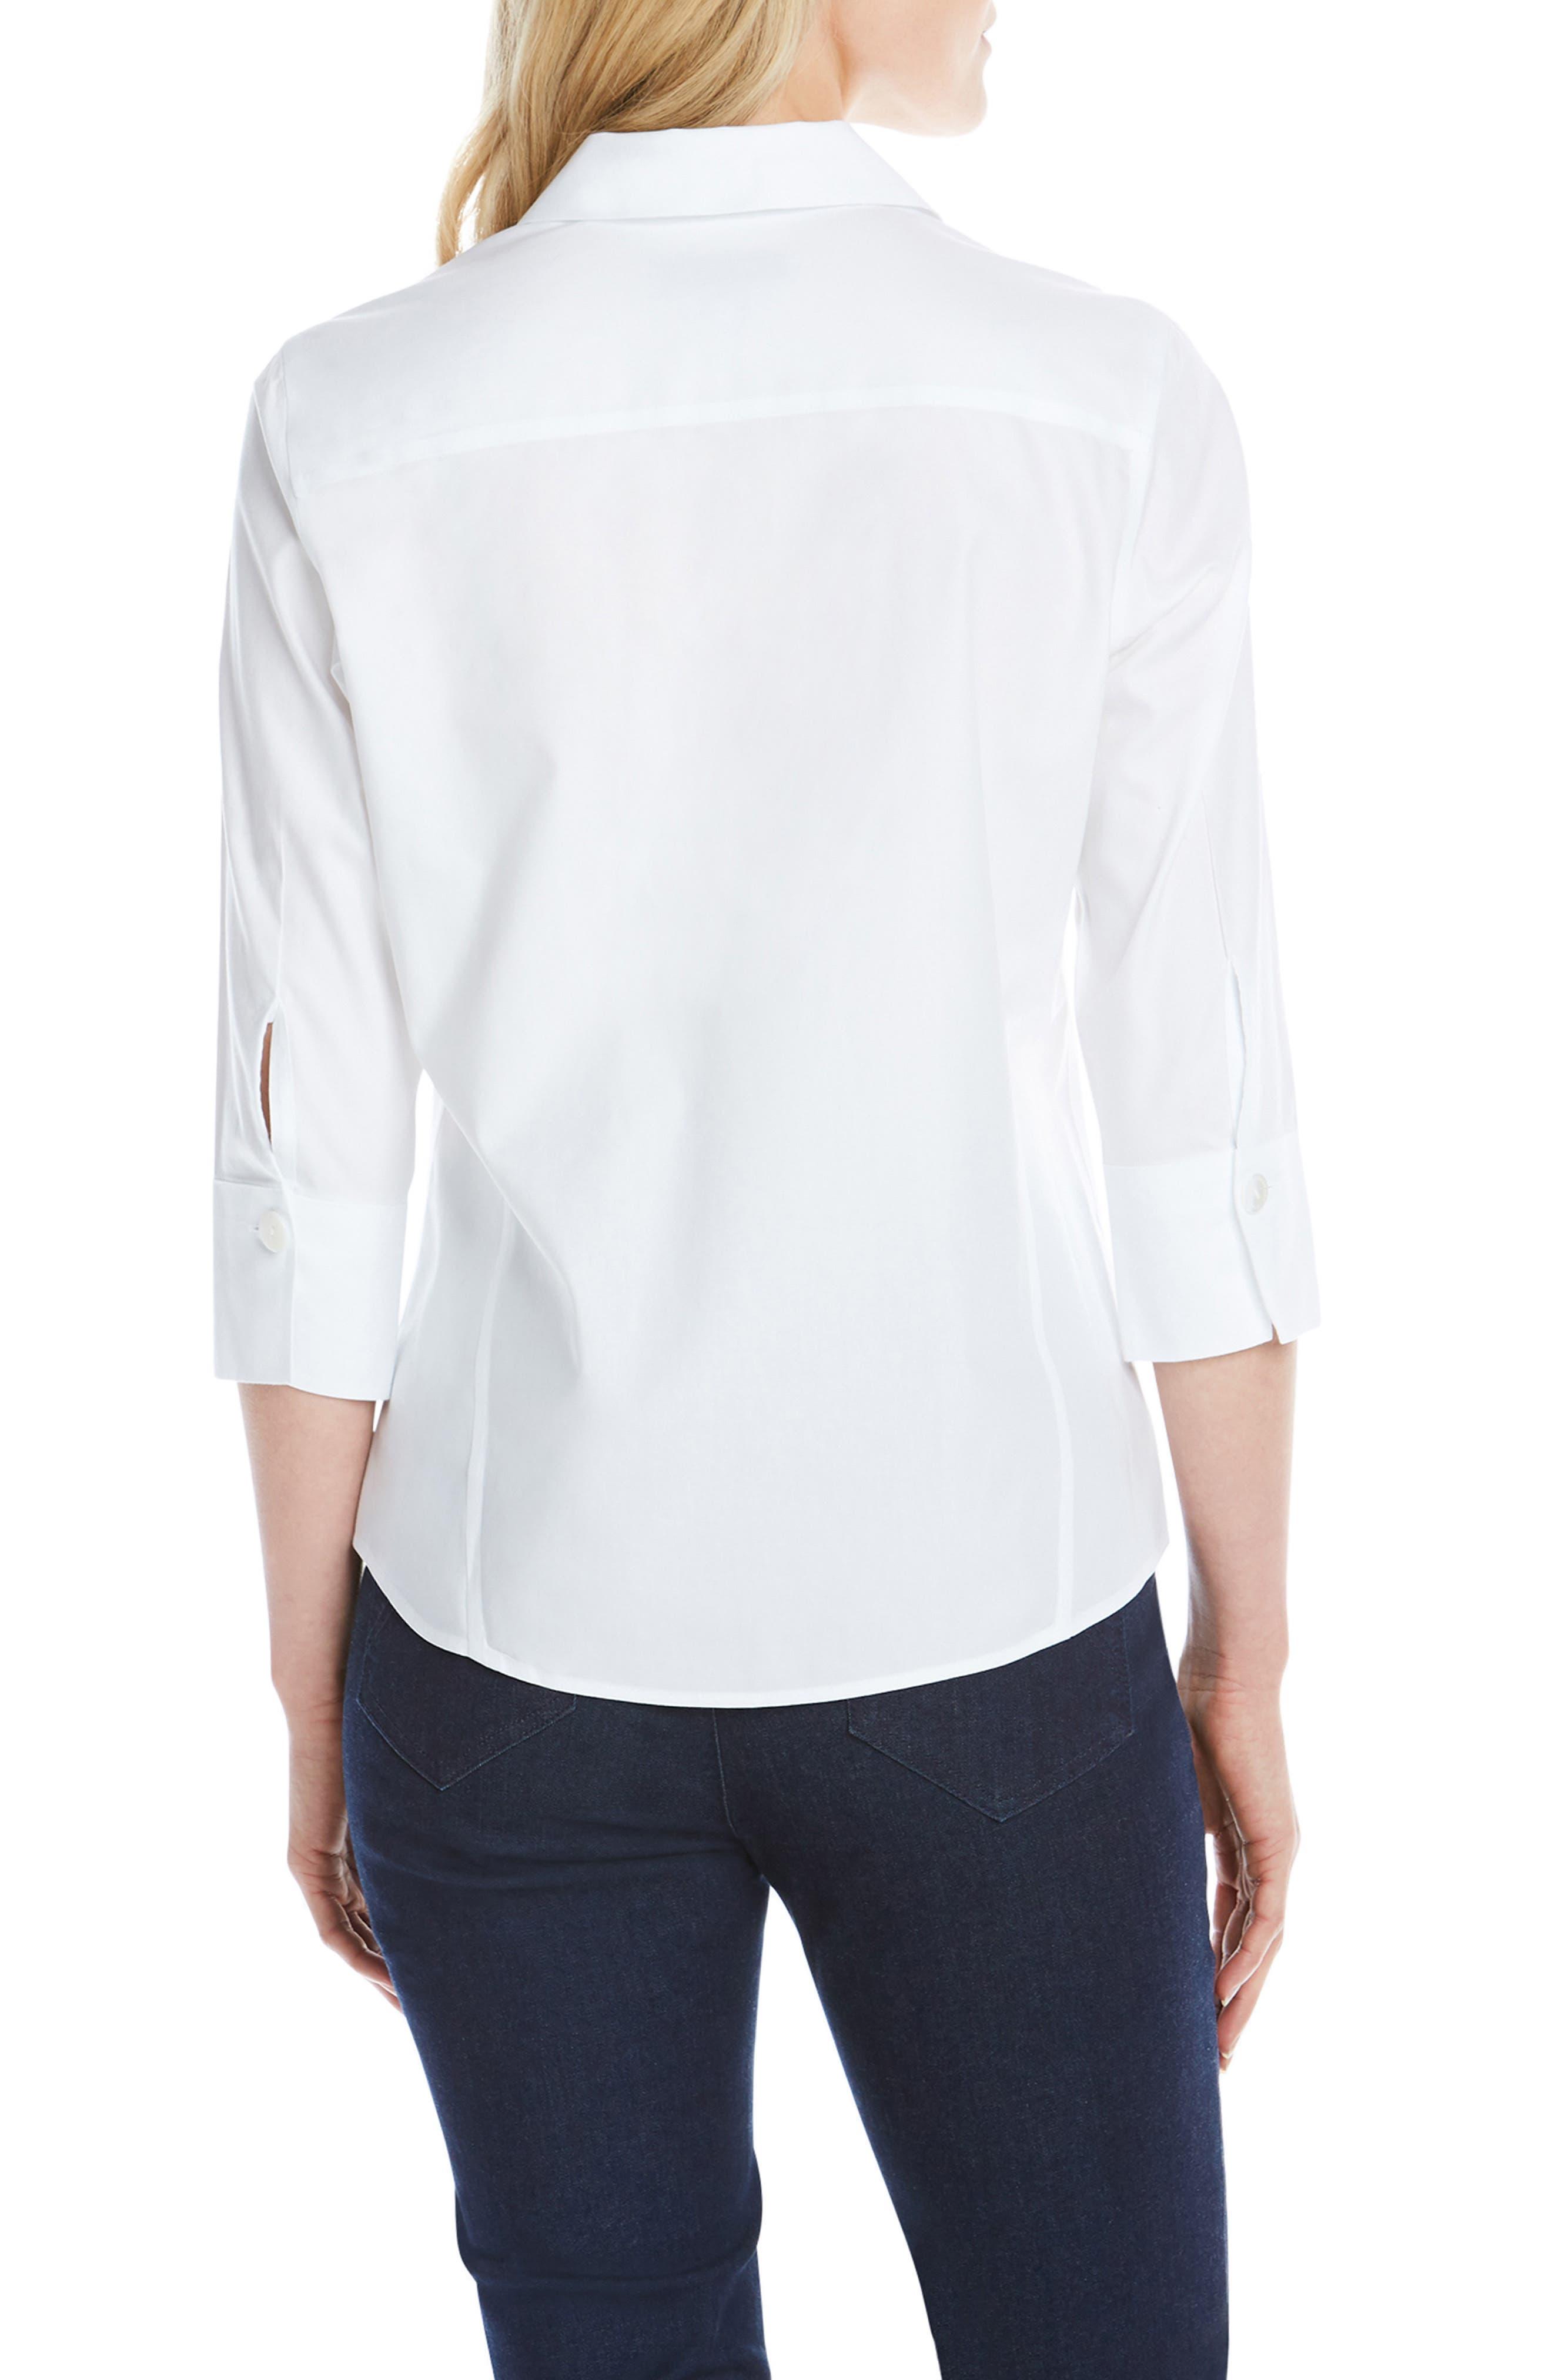 Paityn Non-Iron Cotton Shirt,                             Alternate thumbnail 2, color,                             WHITE